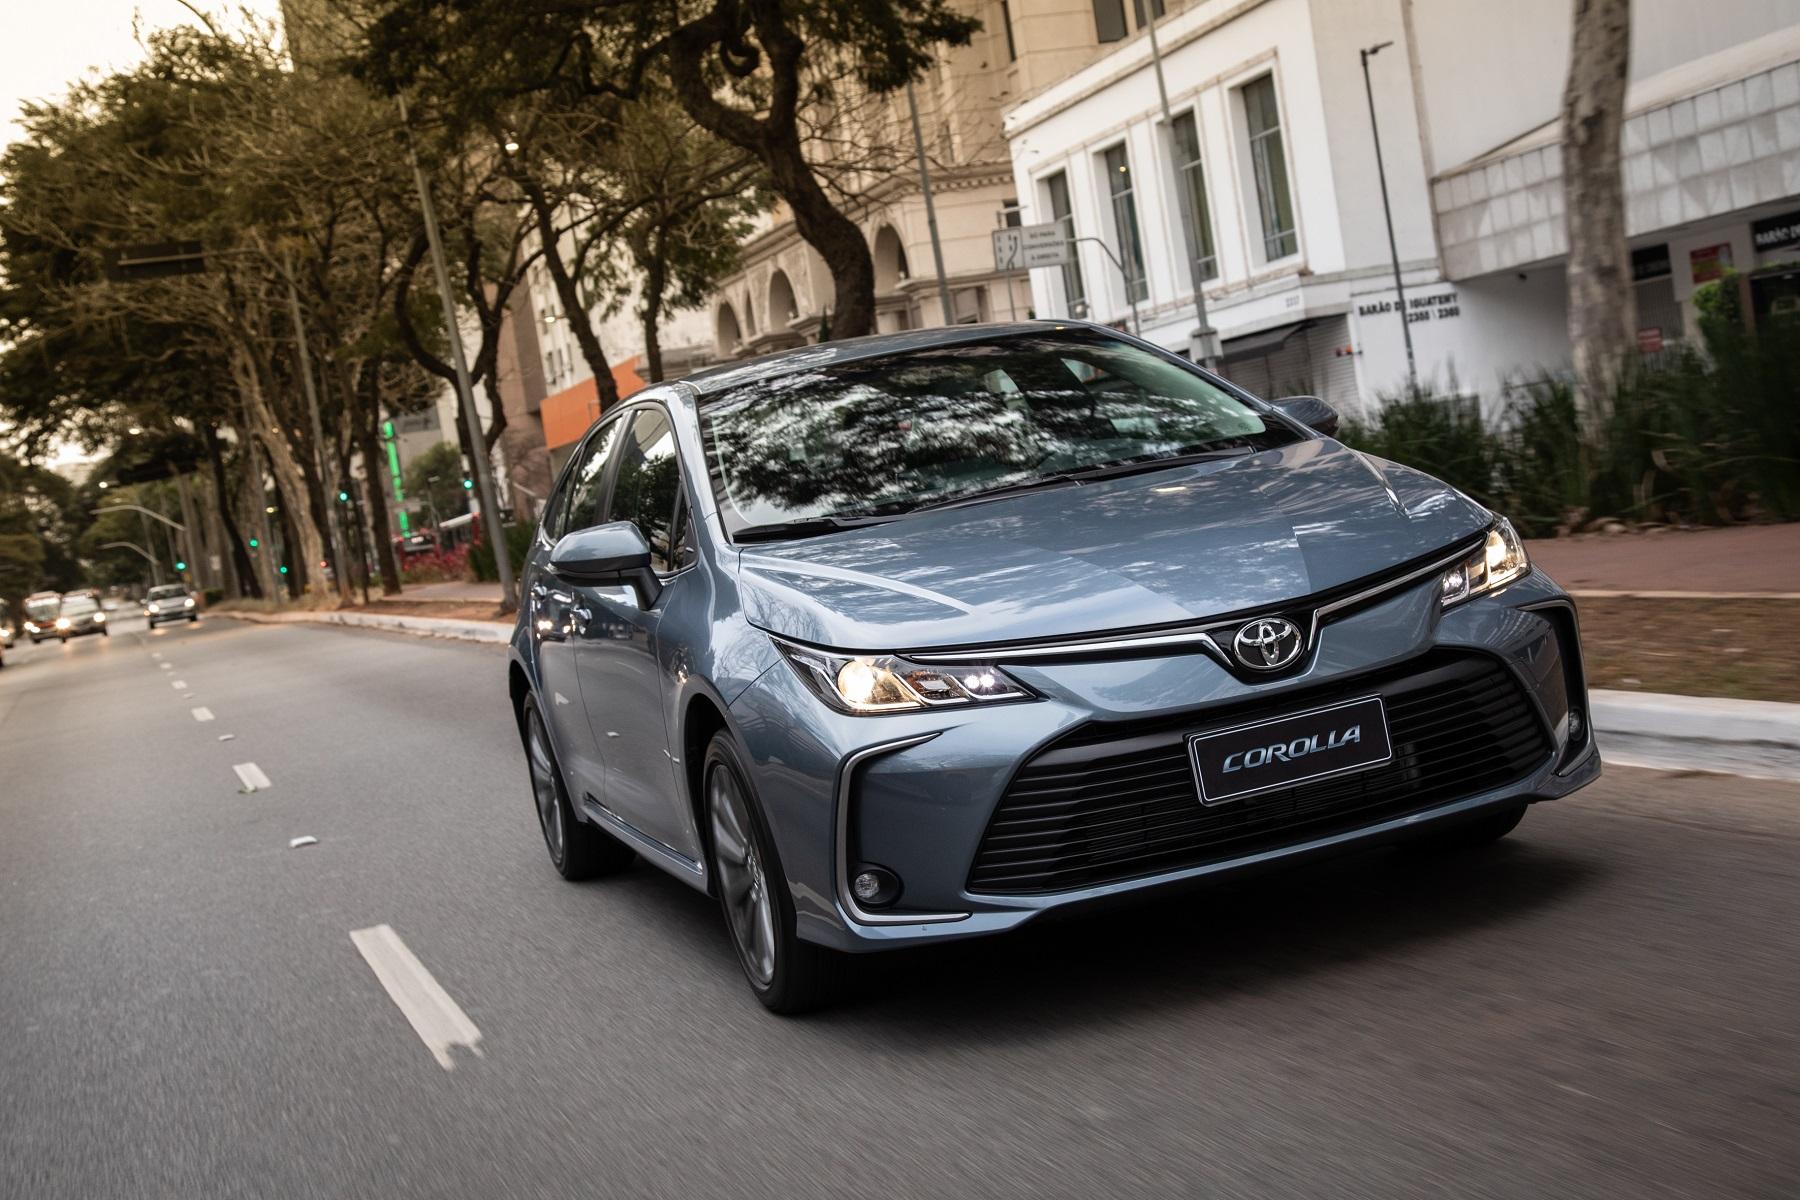 Toyota Corolla 2.0l na versão Dynamic Force em movimento na cor azul na rua